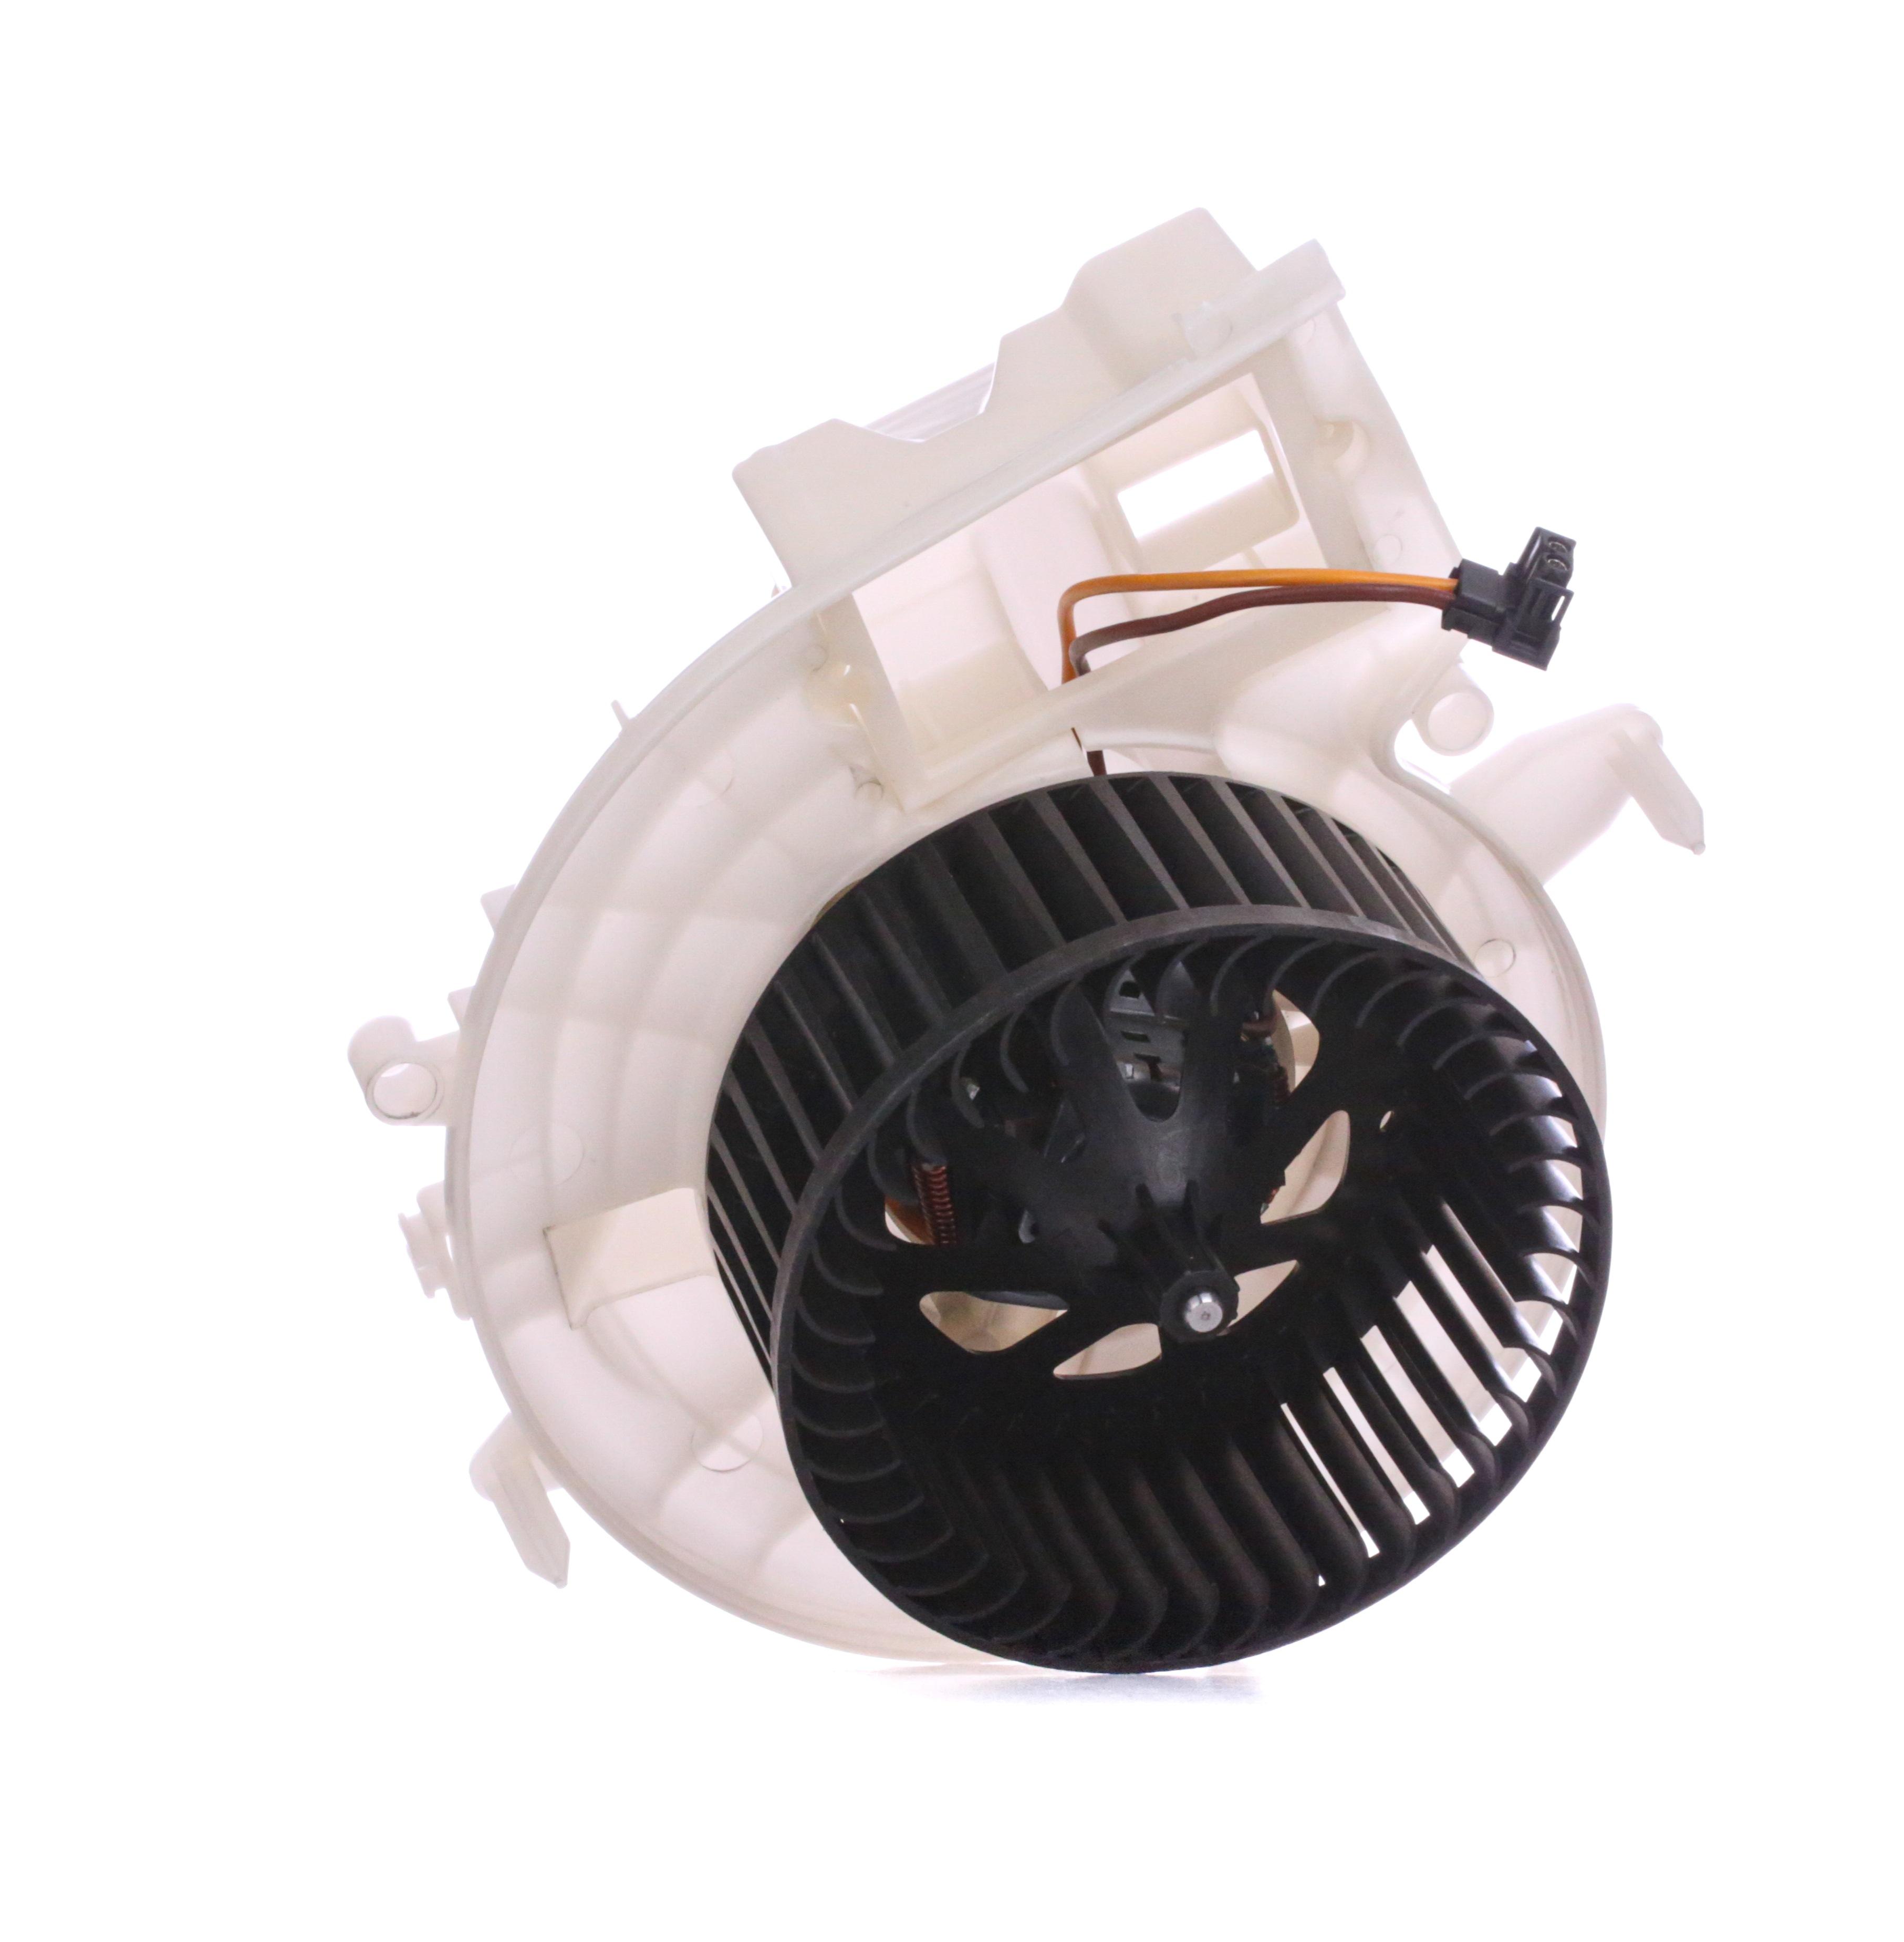 Buy original Heater fan motor RIDEX 2669I0041